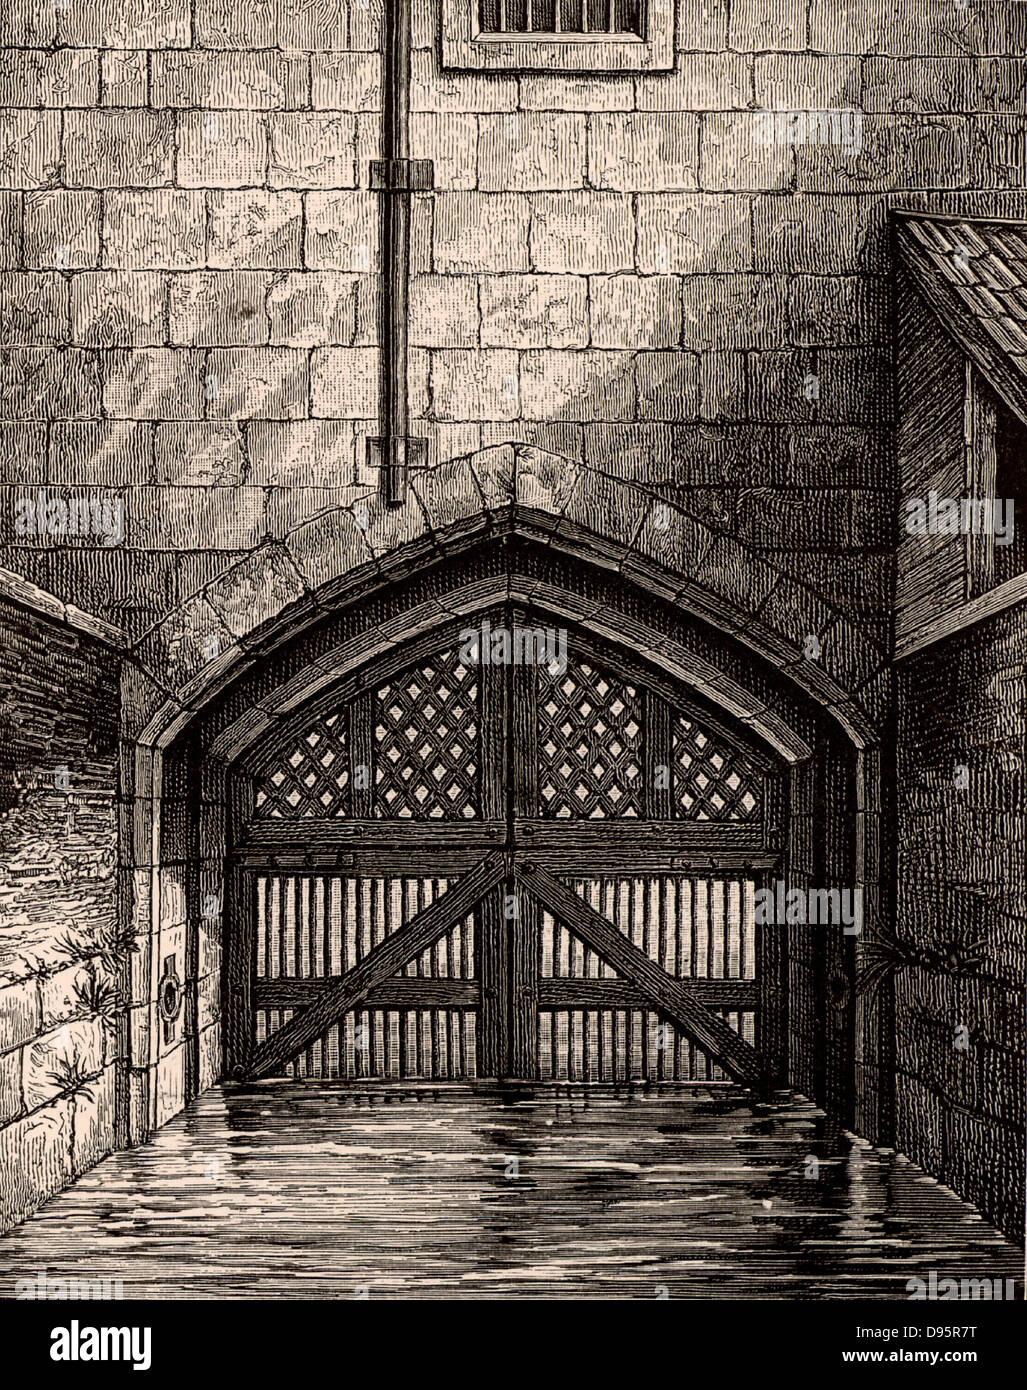 La Tour de Londres: traître's Gate, la porte d'eau de la Tamise par lequel beaucoup de prisonniers, Photo Stock